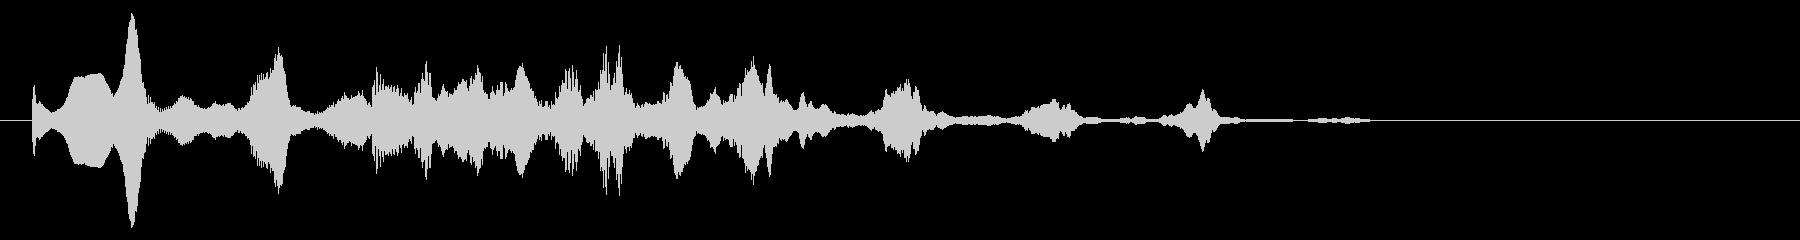 不可思議な音色の場面転換orアイキャッチの未再生の波形